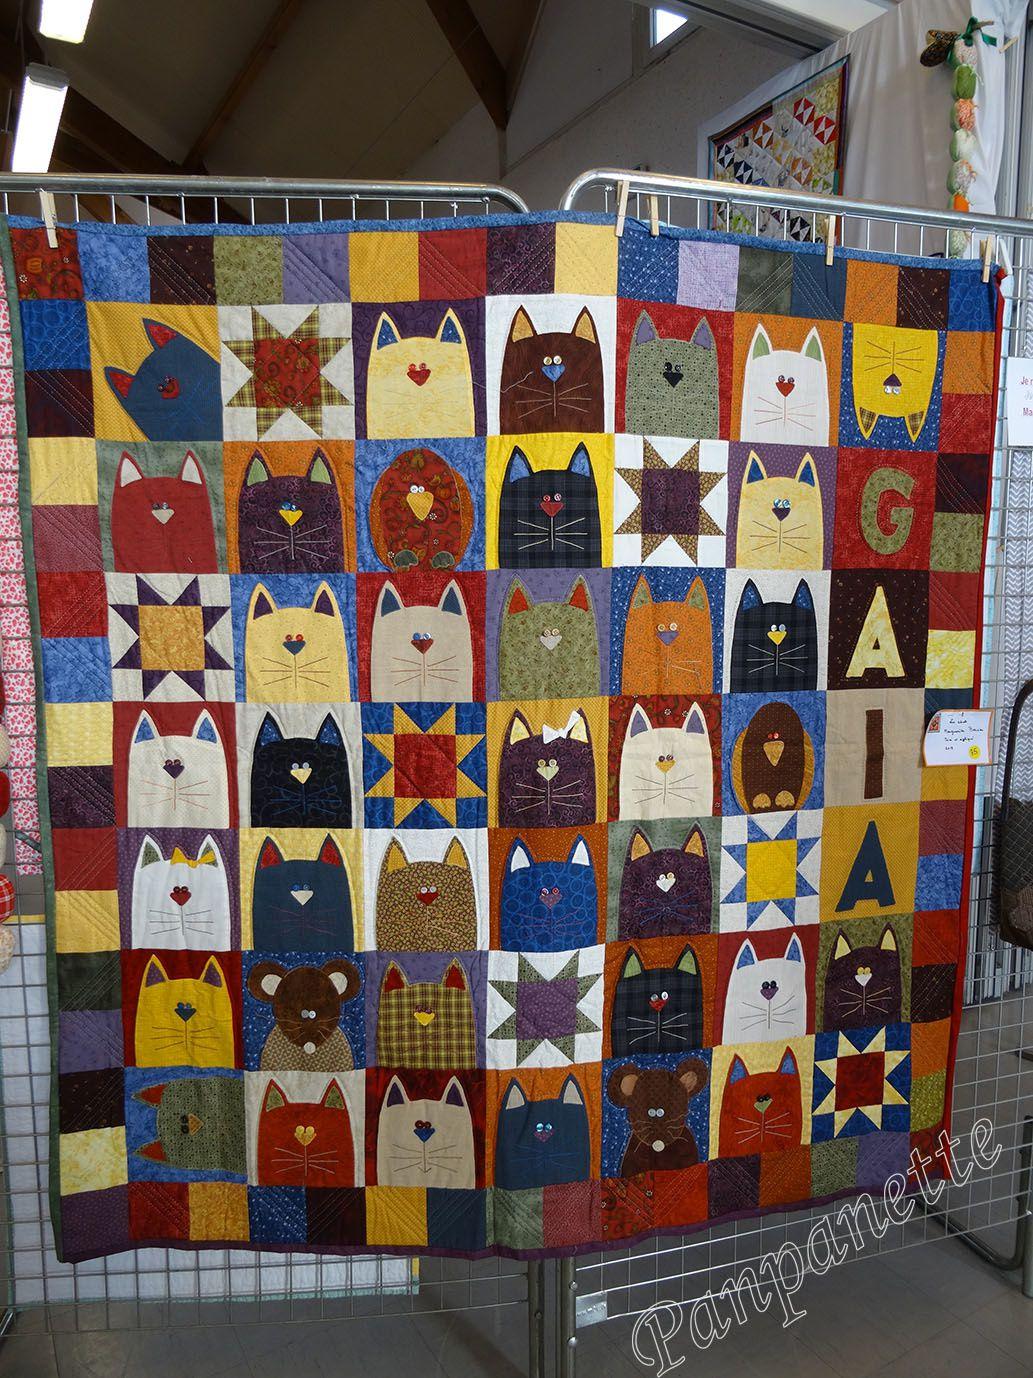 Exposition de patchwork à Douvres